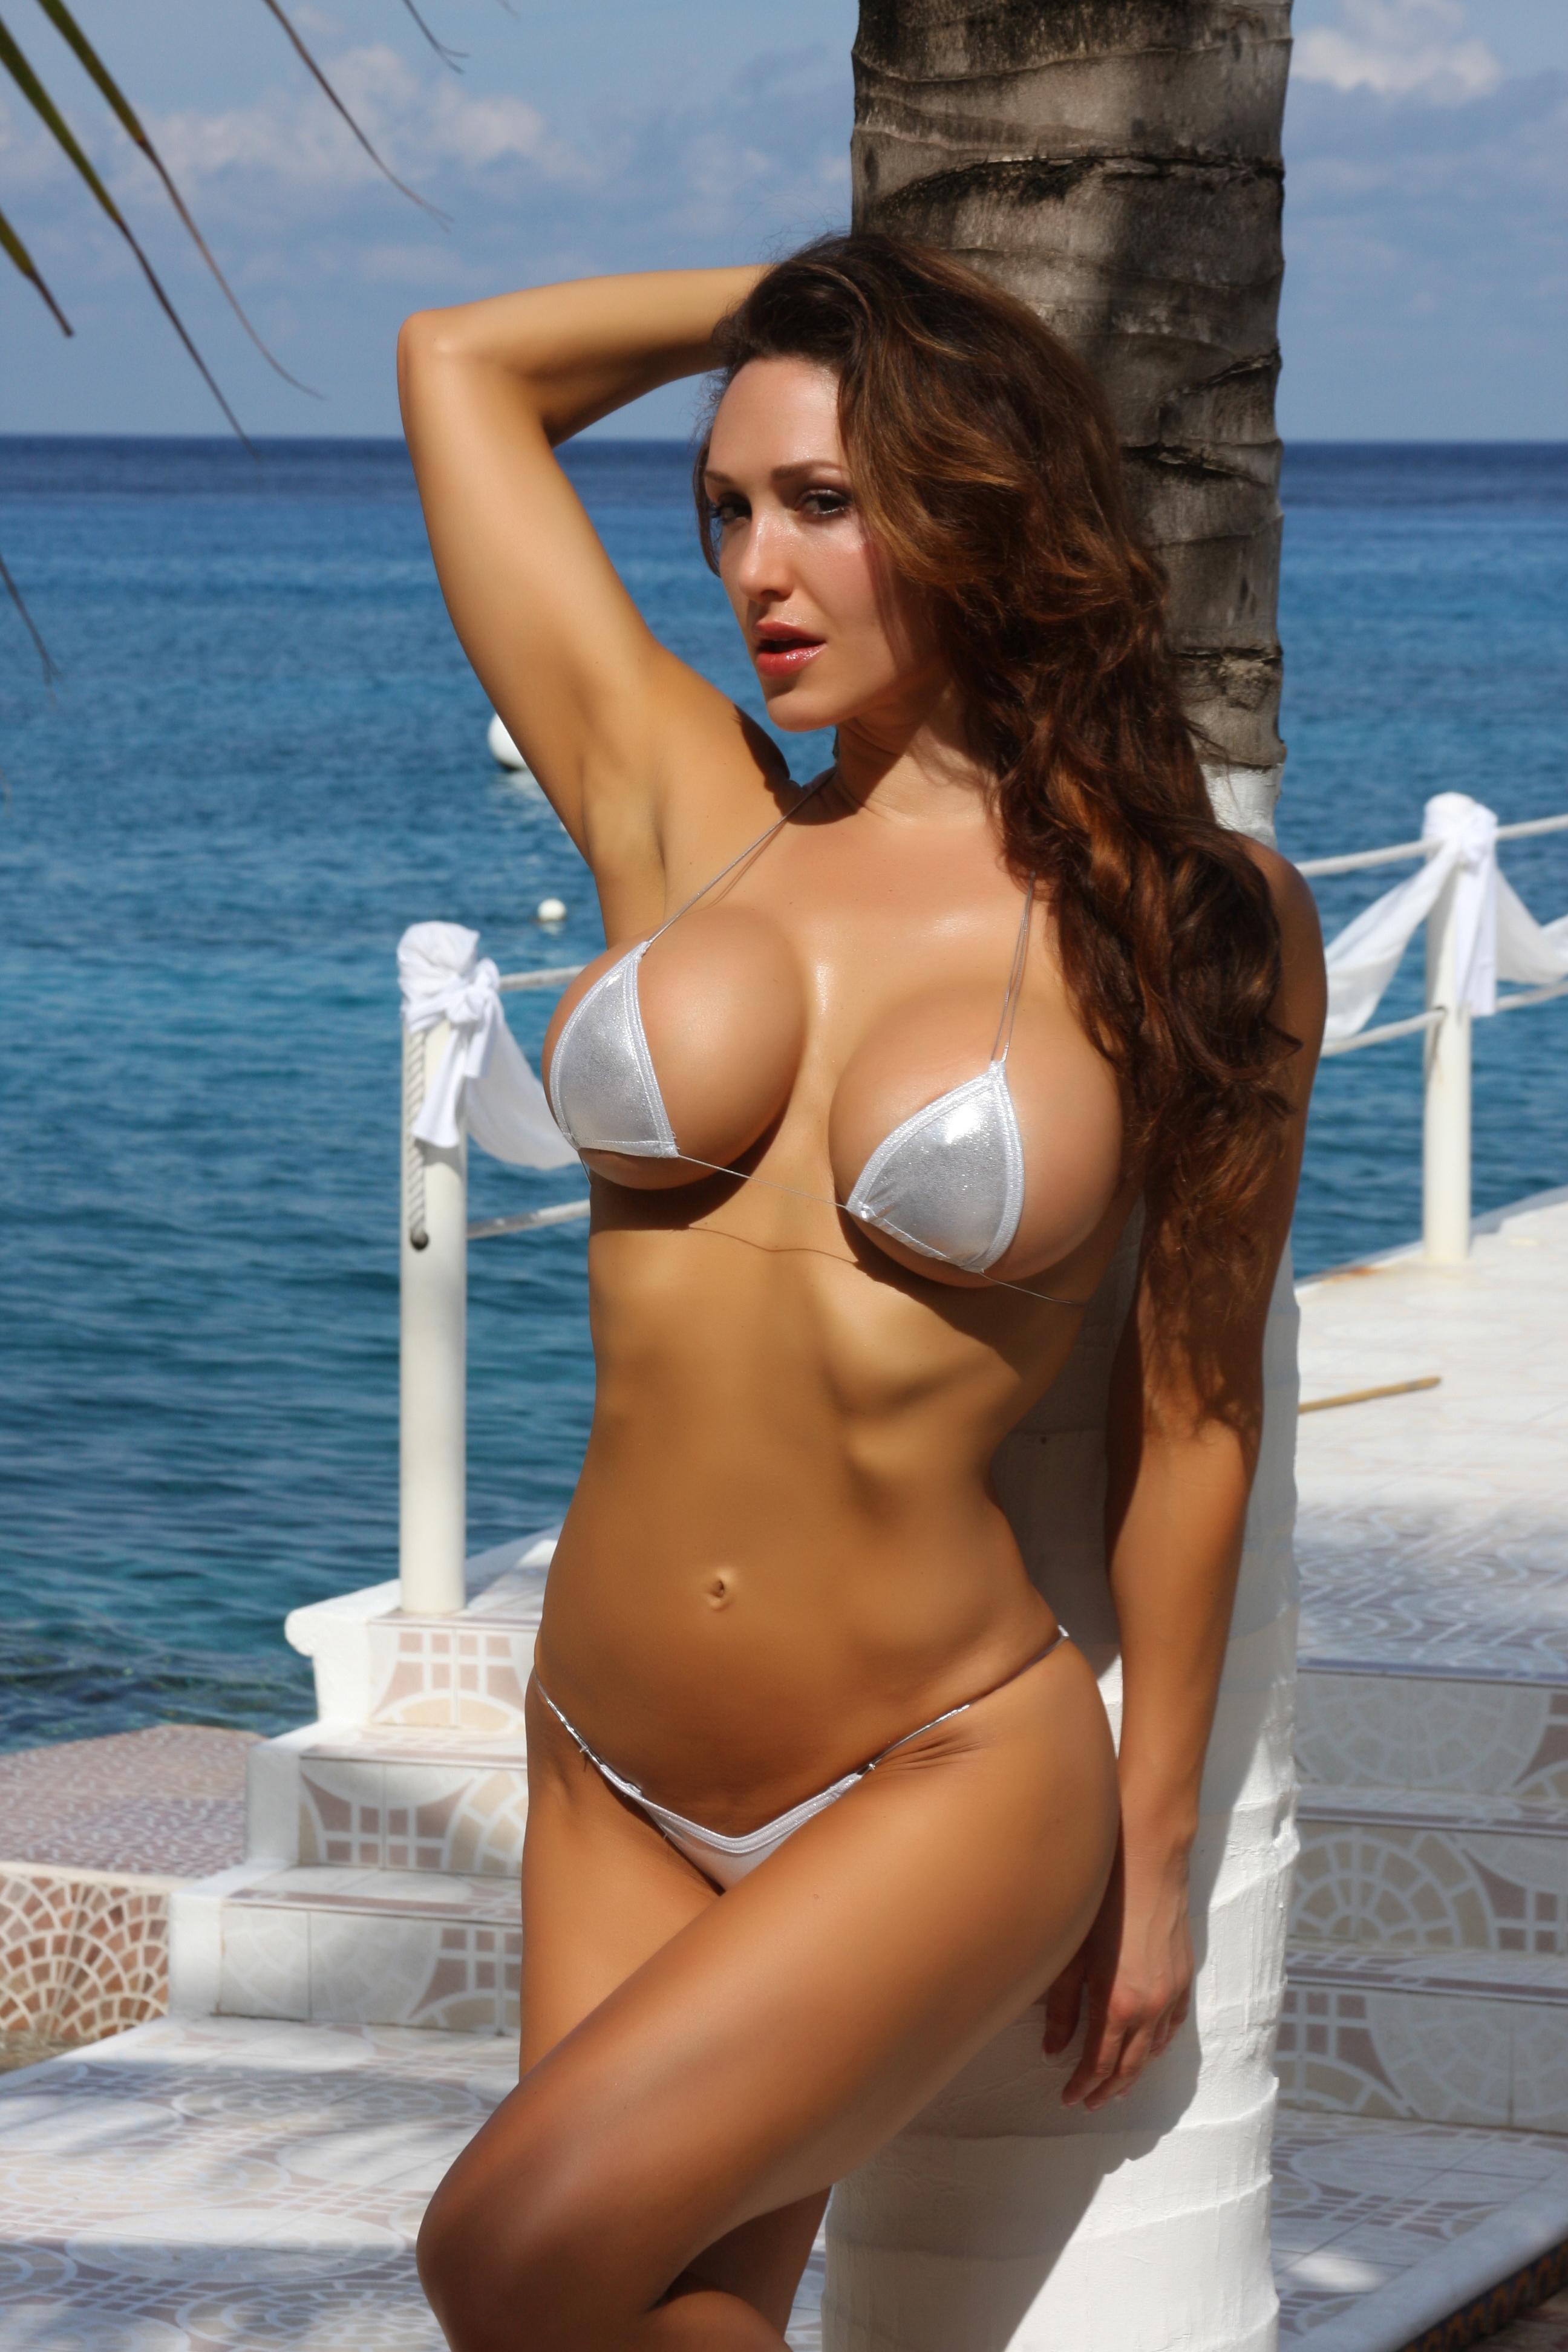 sexiest bikini models slutty